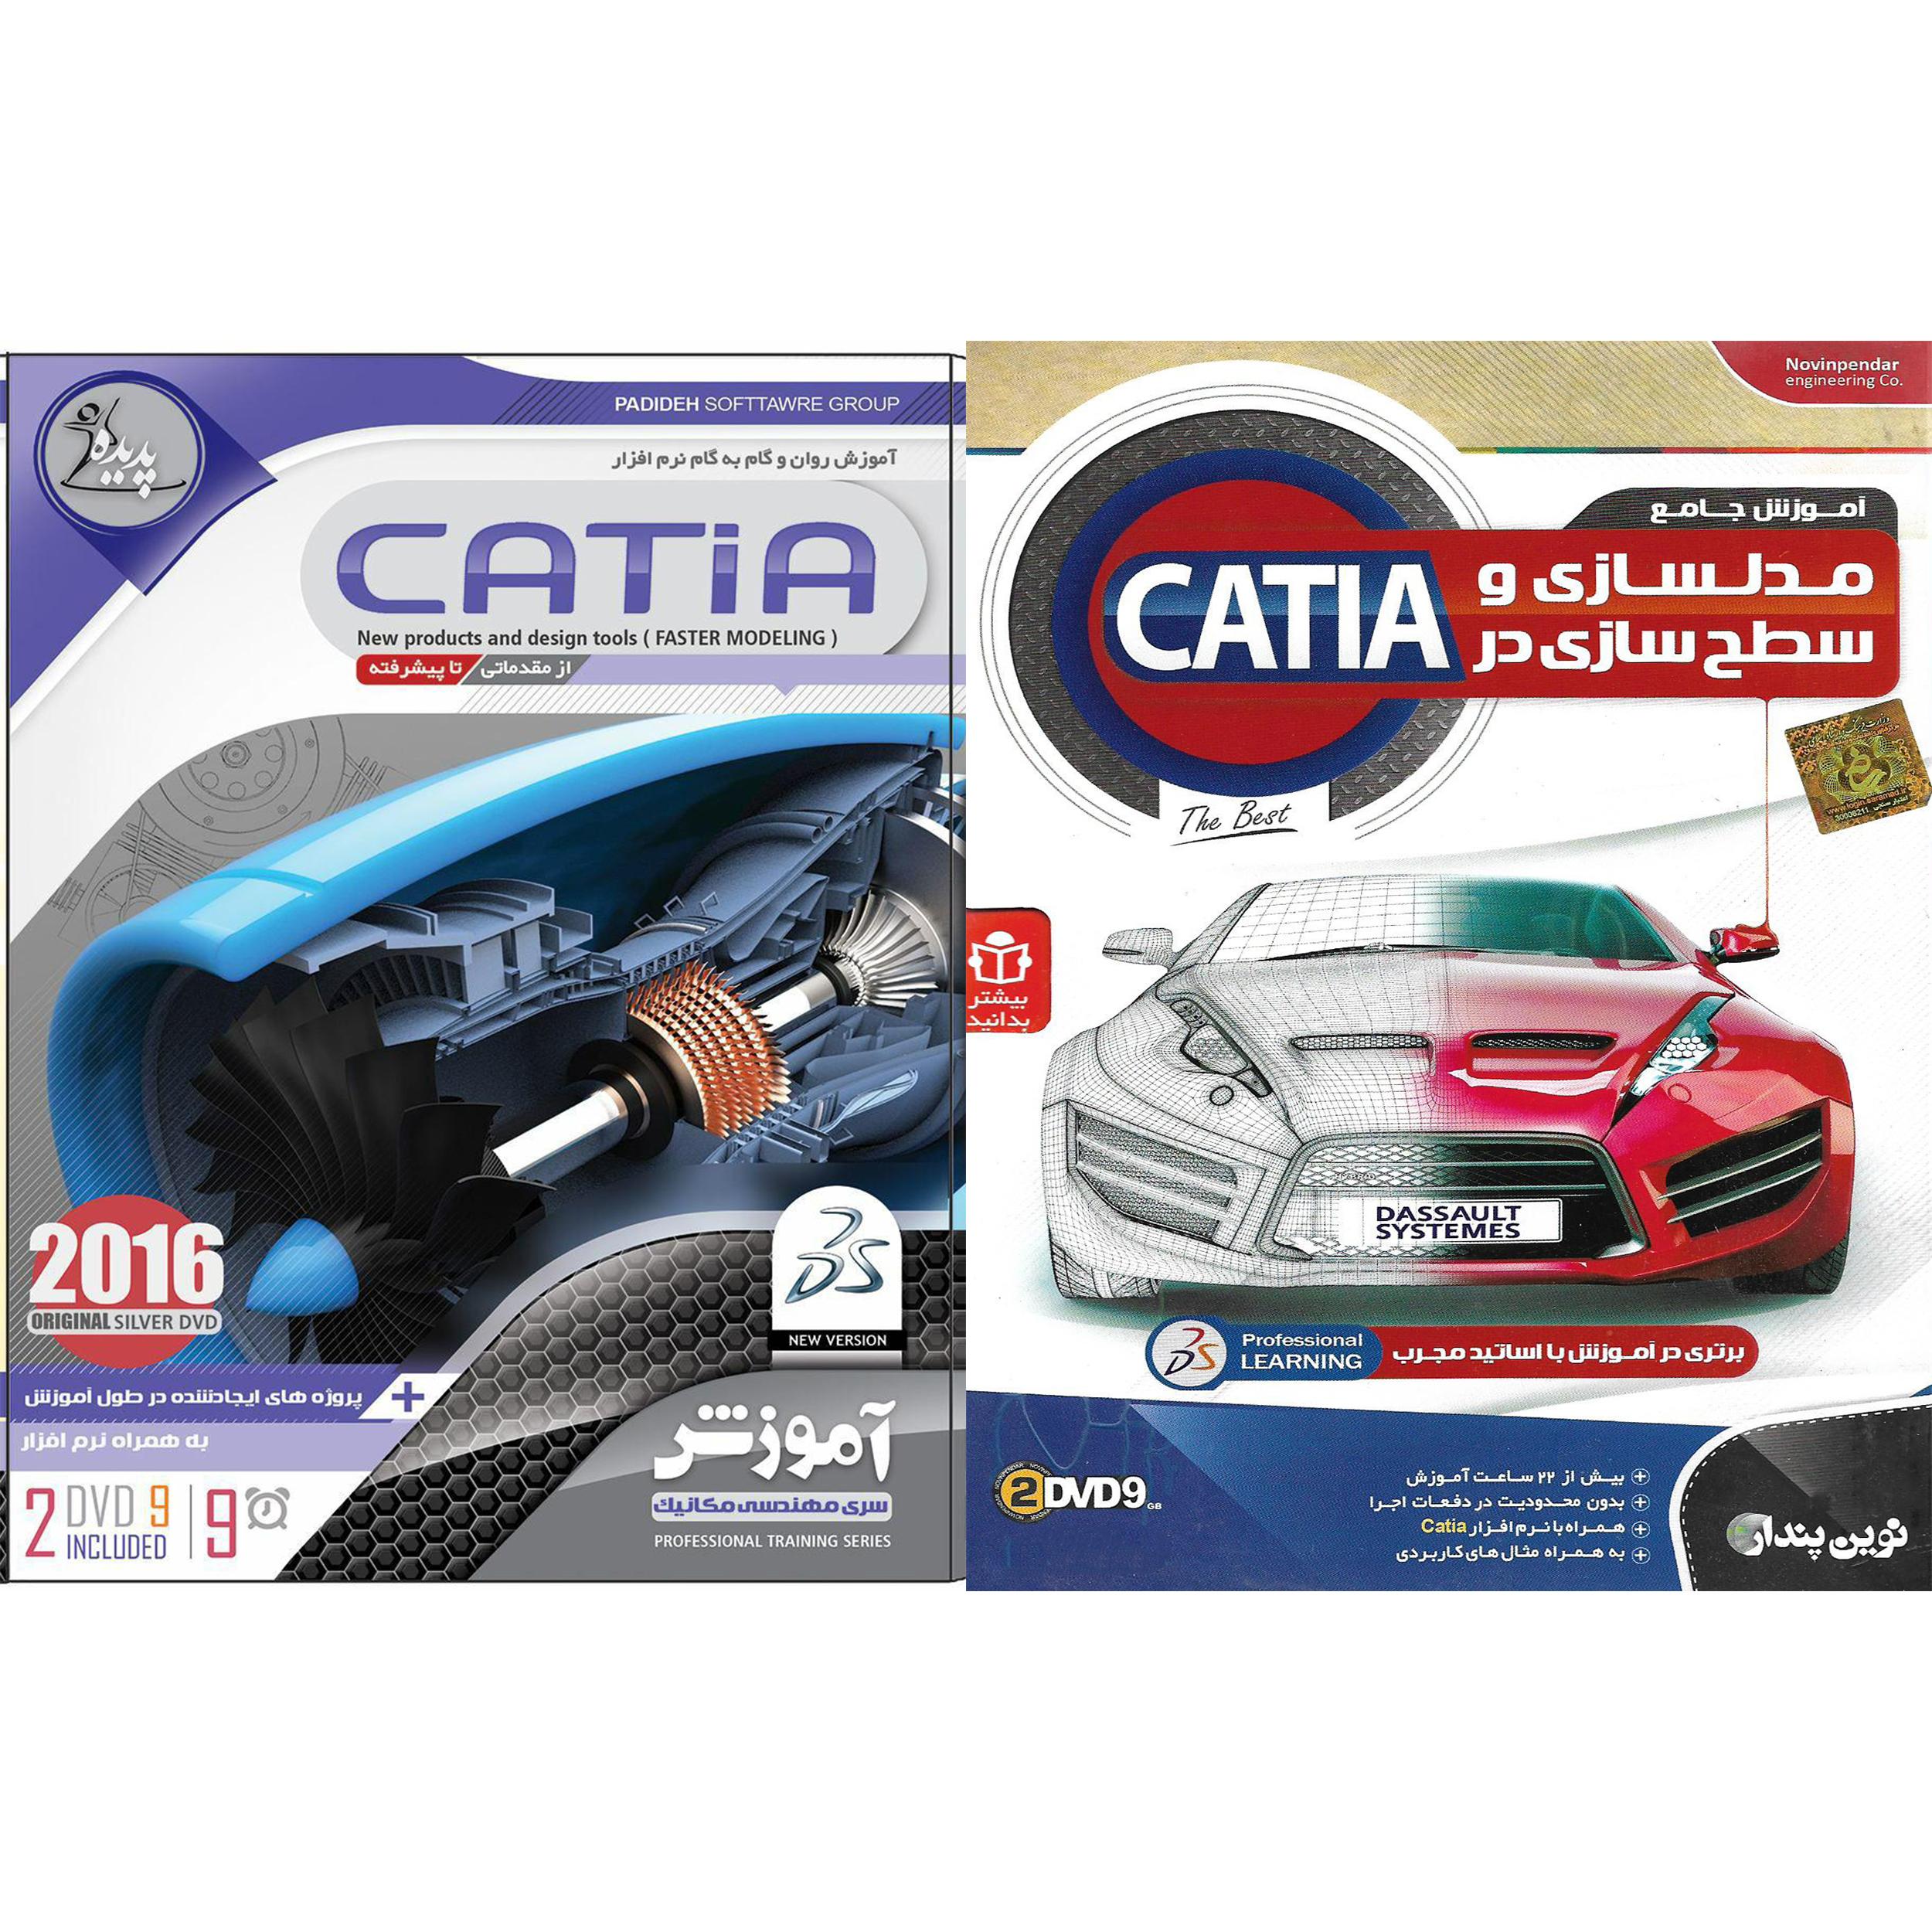 نرم افزار آموزش مدلسازی و سطح سازی در CATIA نشر نوین پندار به همراه نرم افزار آموزش CATIA نشر پدیده